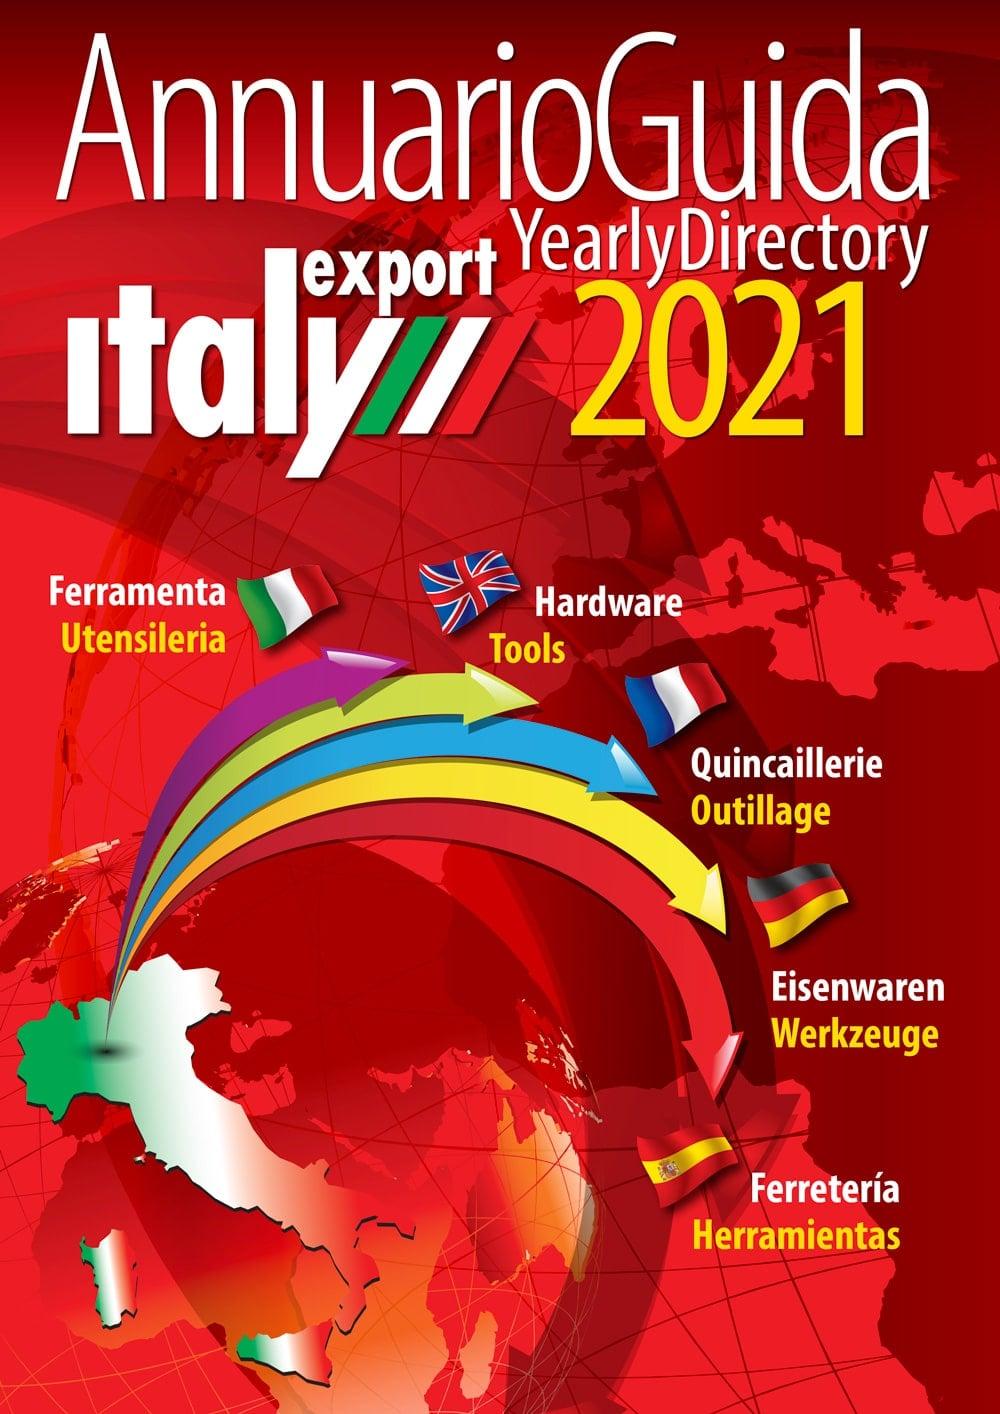 Annuario Guida 2021, Italy Export